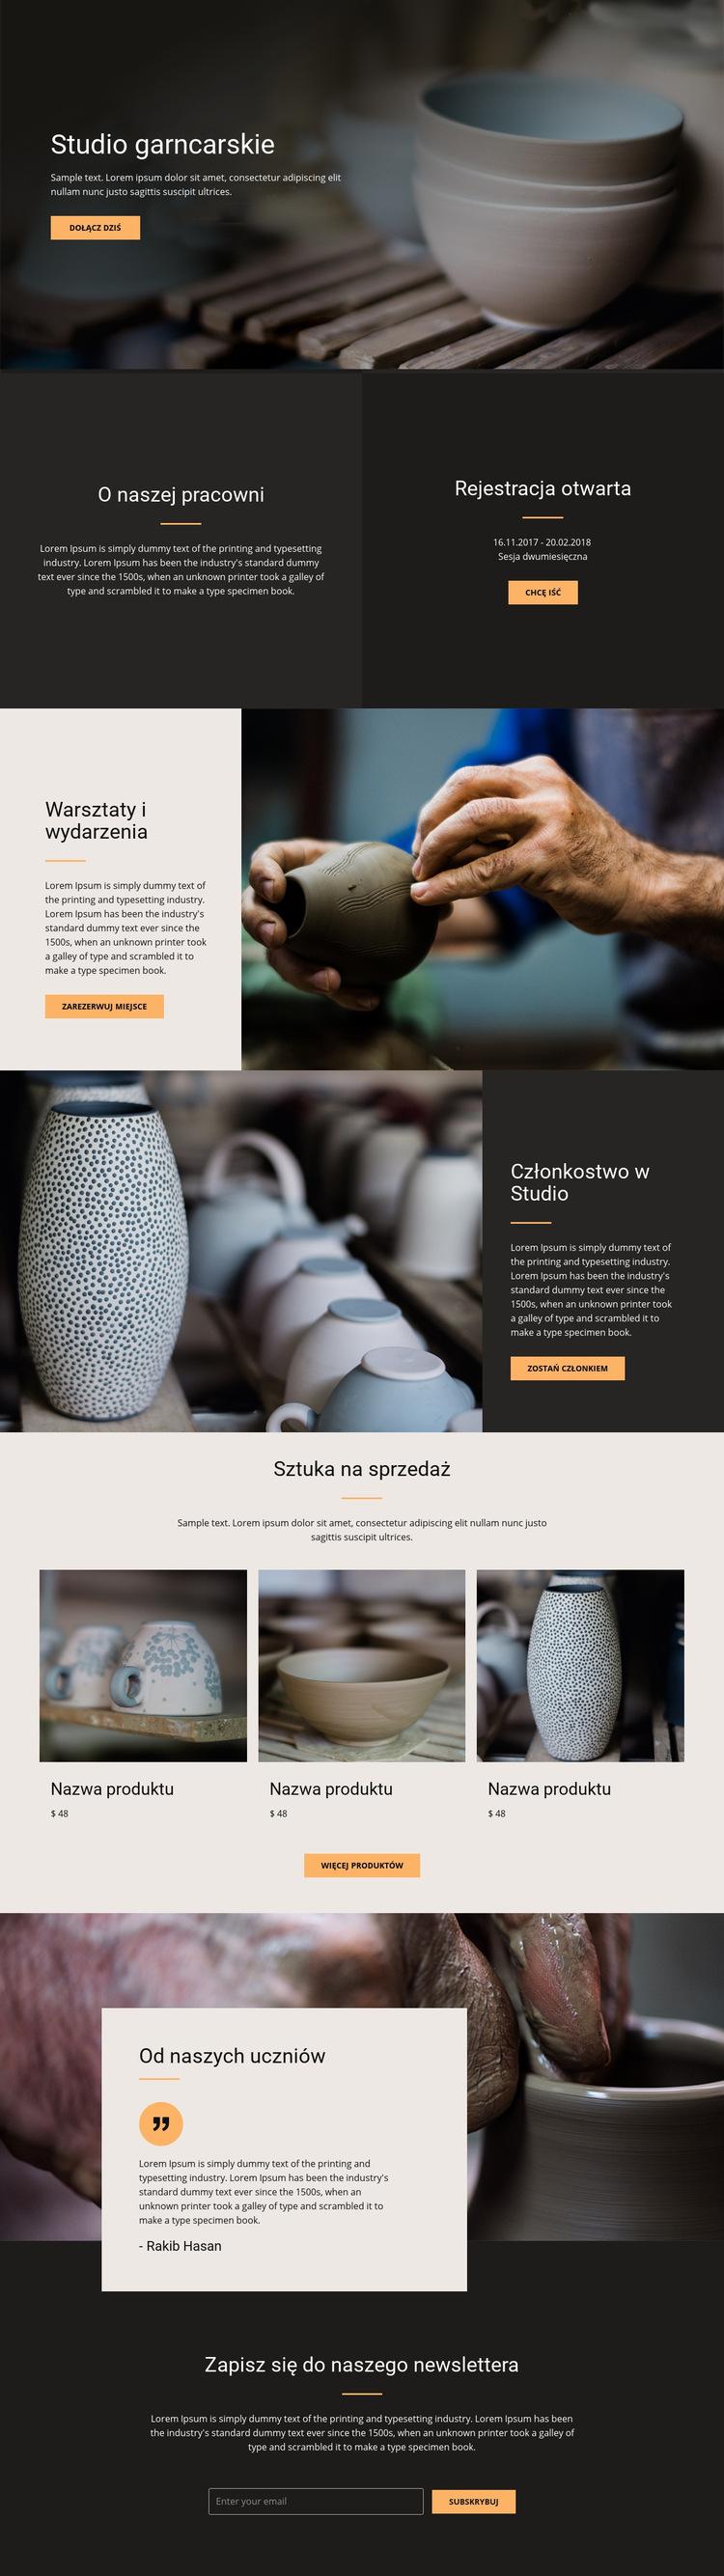 Sztuka ceramiki warsztatowej Szablon witryny sieci Web